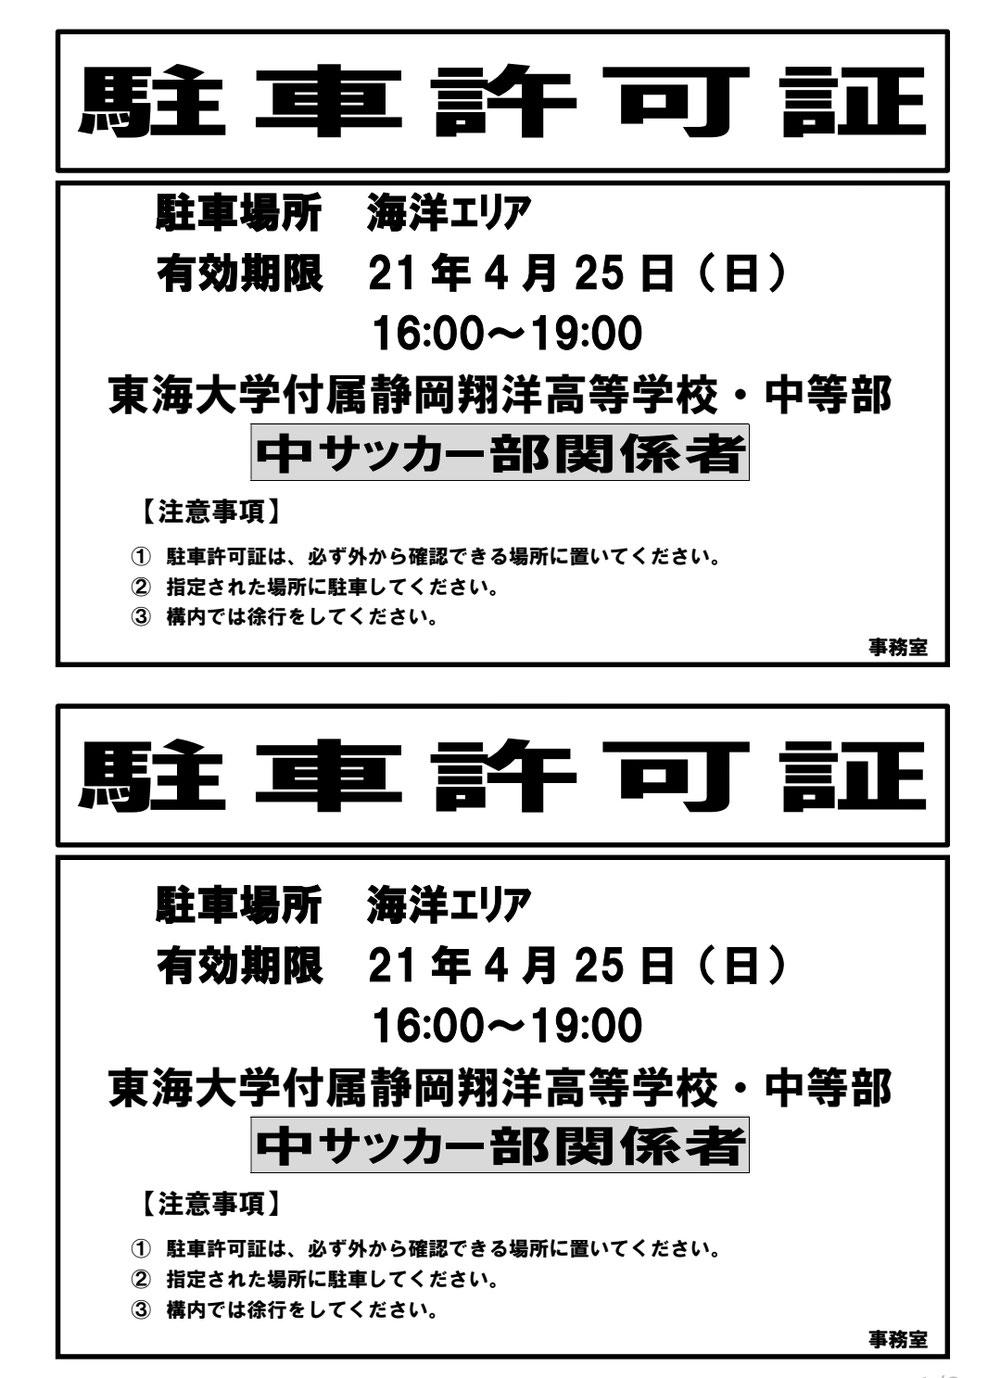 4/25駐車許可証【プリントアウトし、室内フロント部分に置いてください】